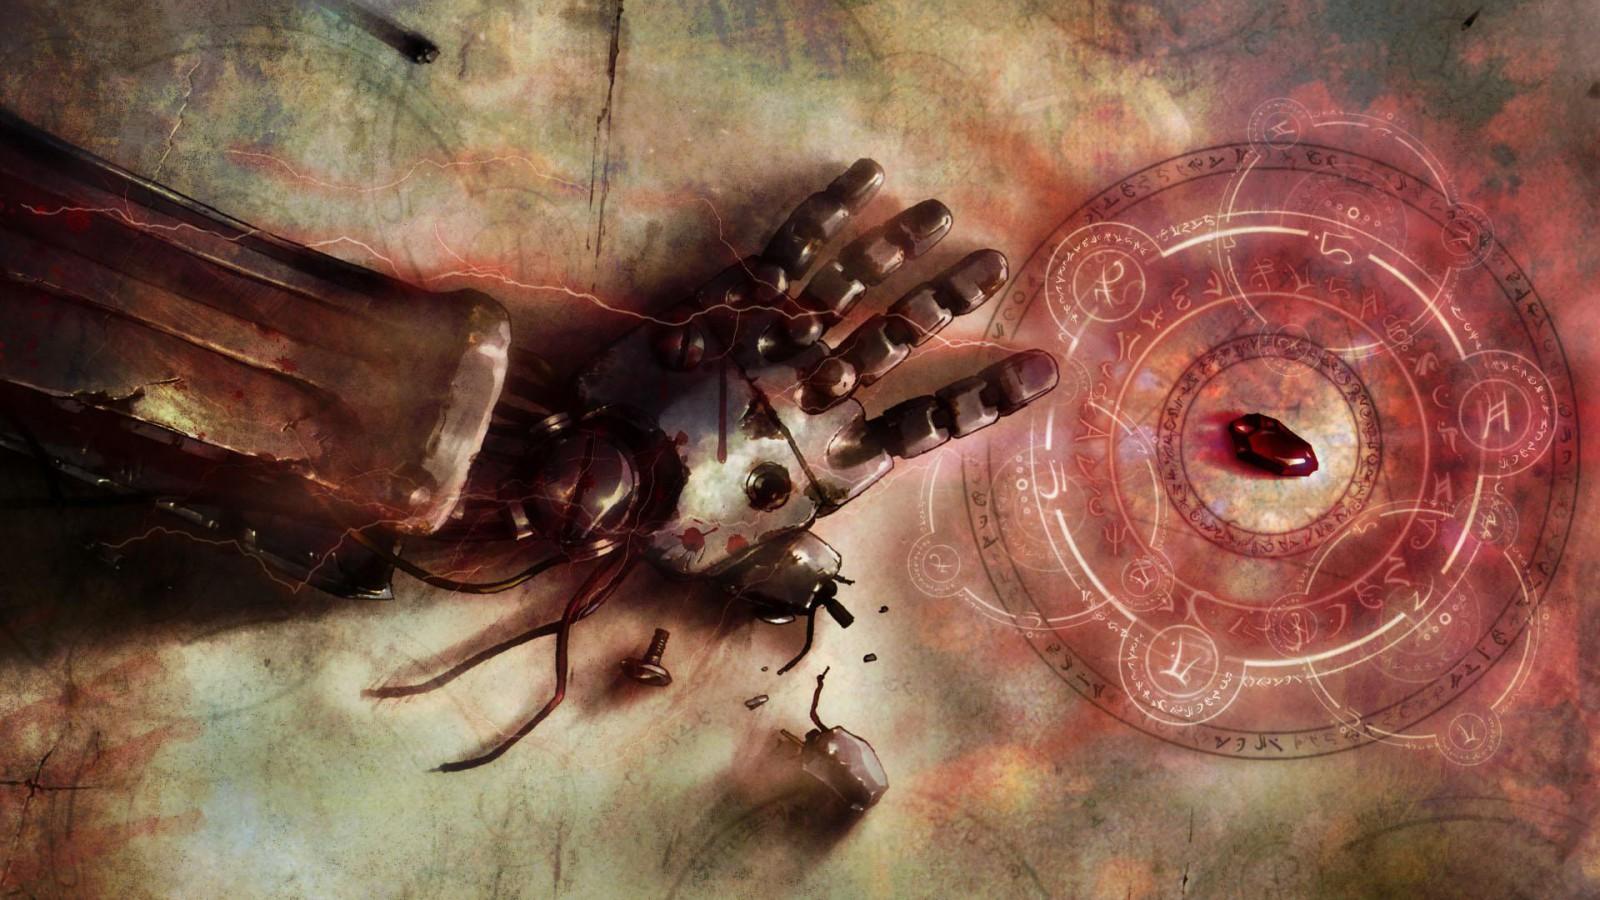 fullmetal alchemist hd wallpapers - photo #6